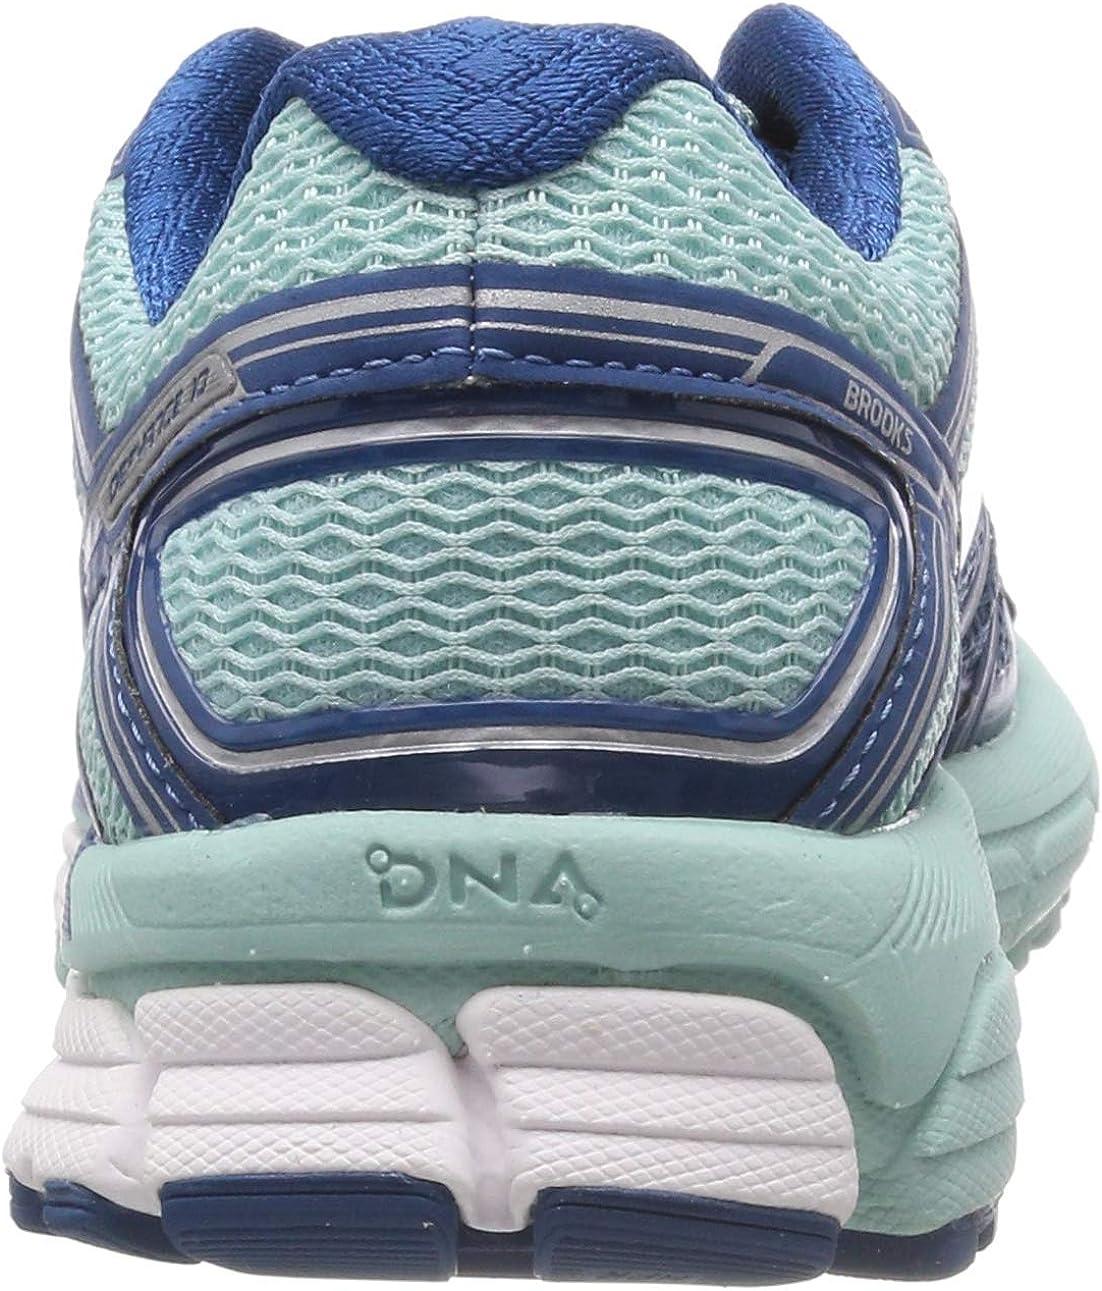 Brooks Defyance 10, Scarpe da Running Donna Blu Blue Aqua White 483